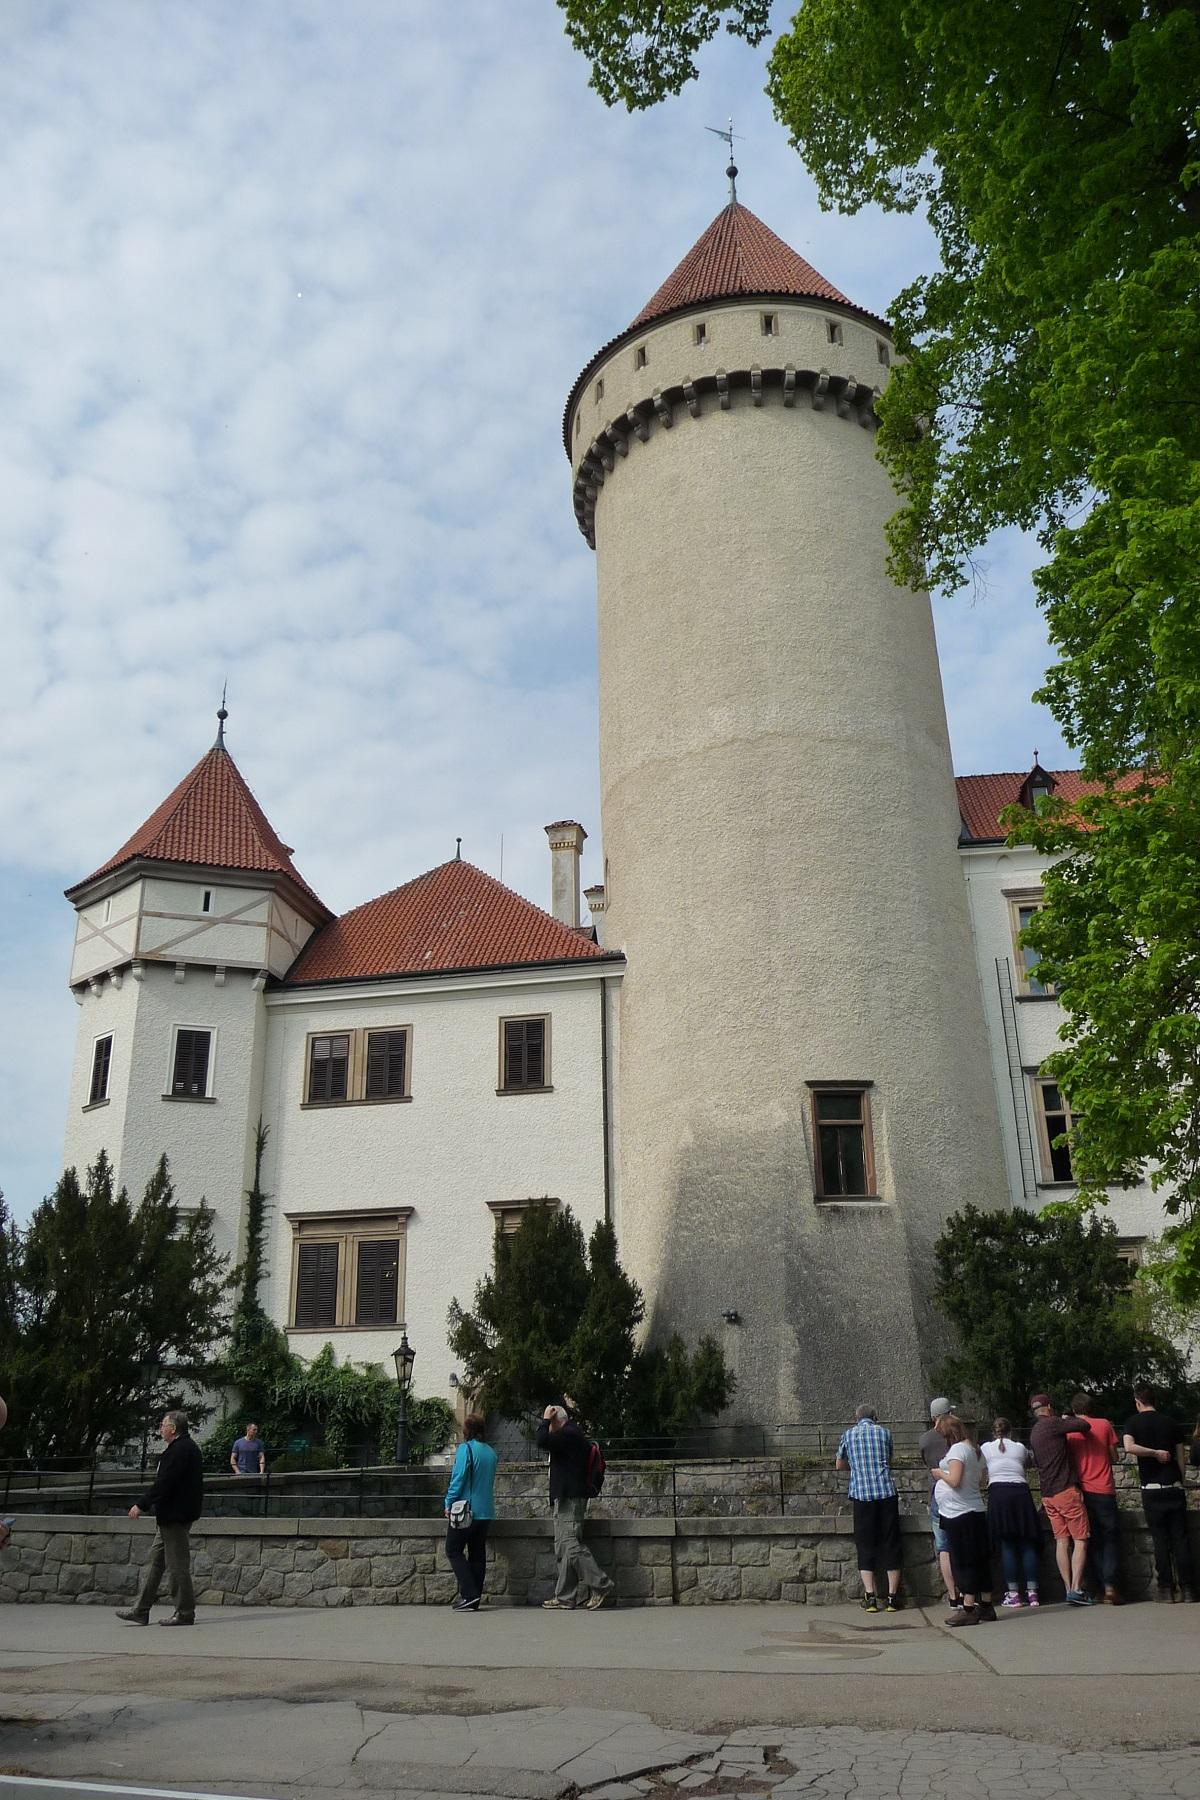 https://www.kempy-chaty.cz/sites/default/files/turistika/zamek_konopiste_celkovy_pohled.jpg